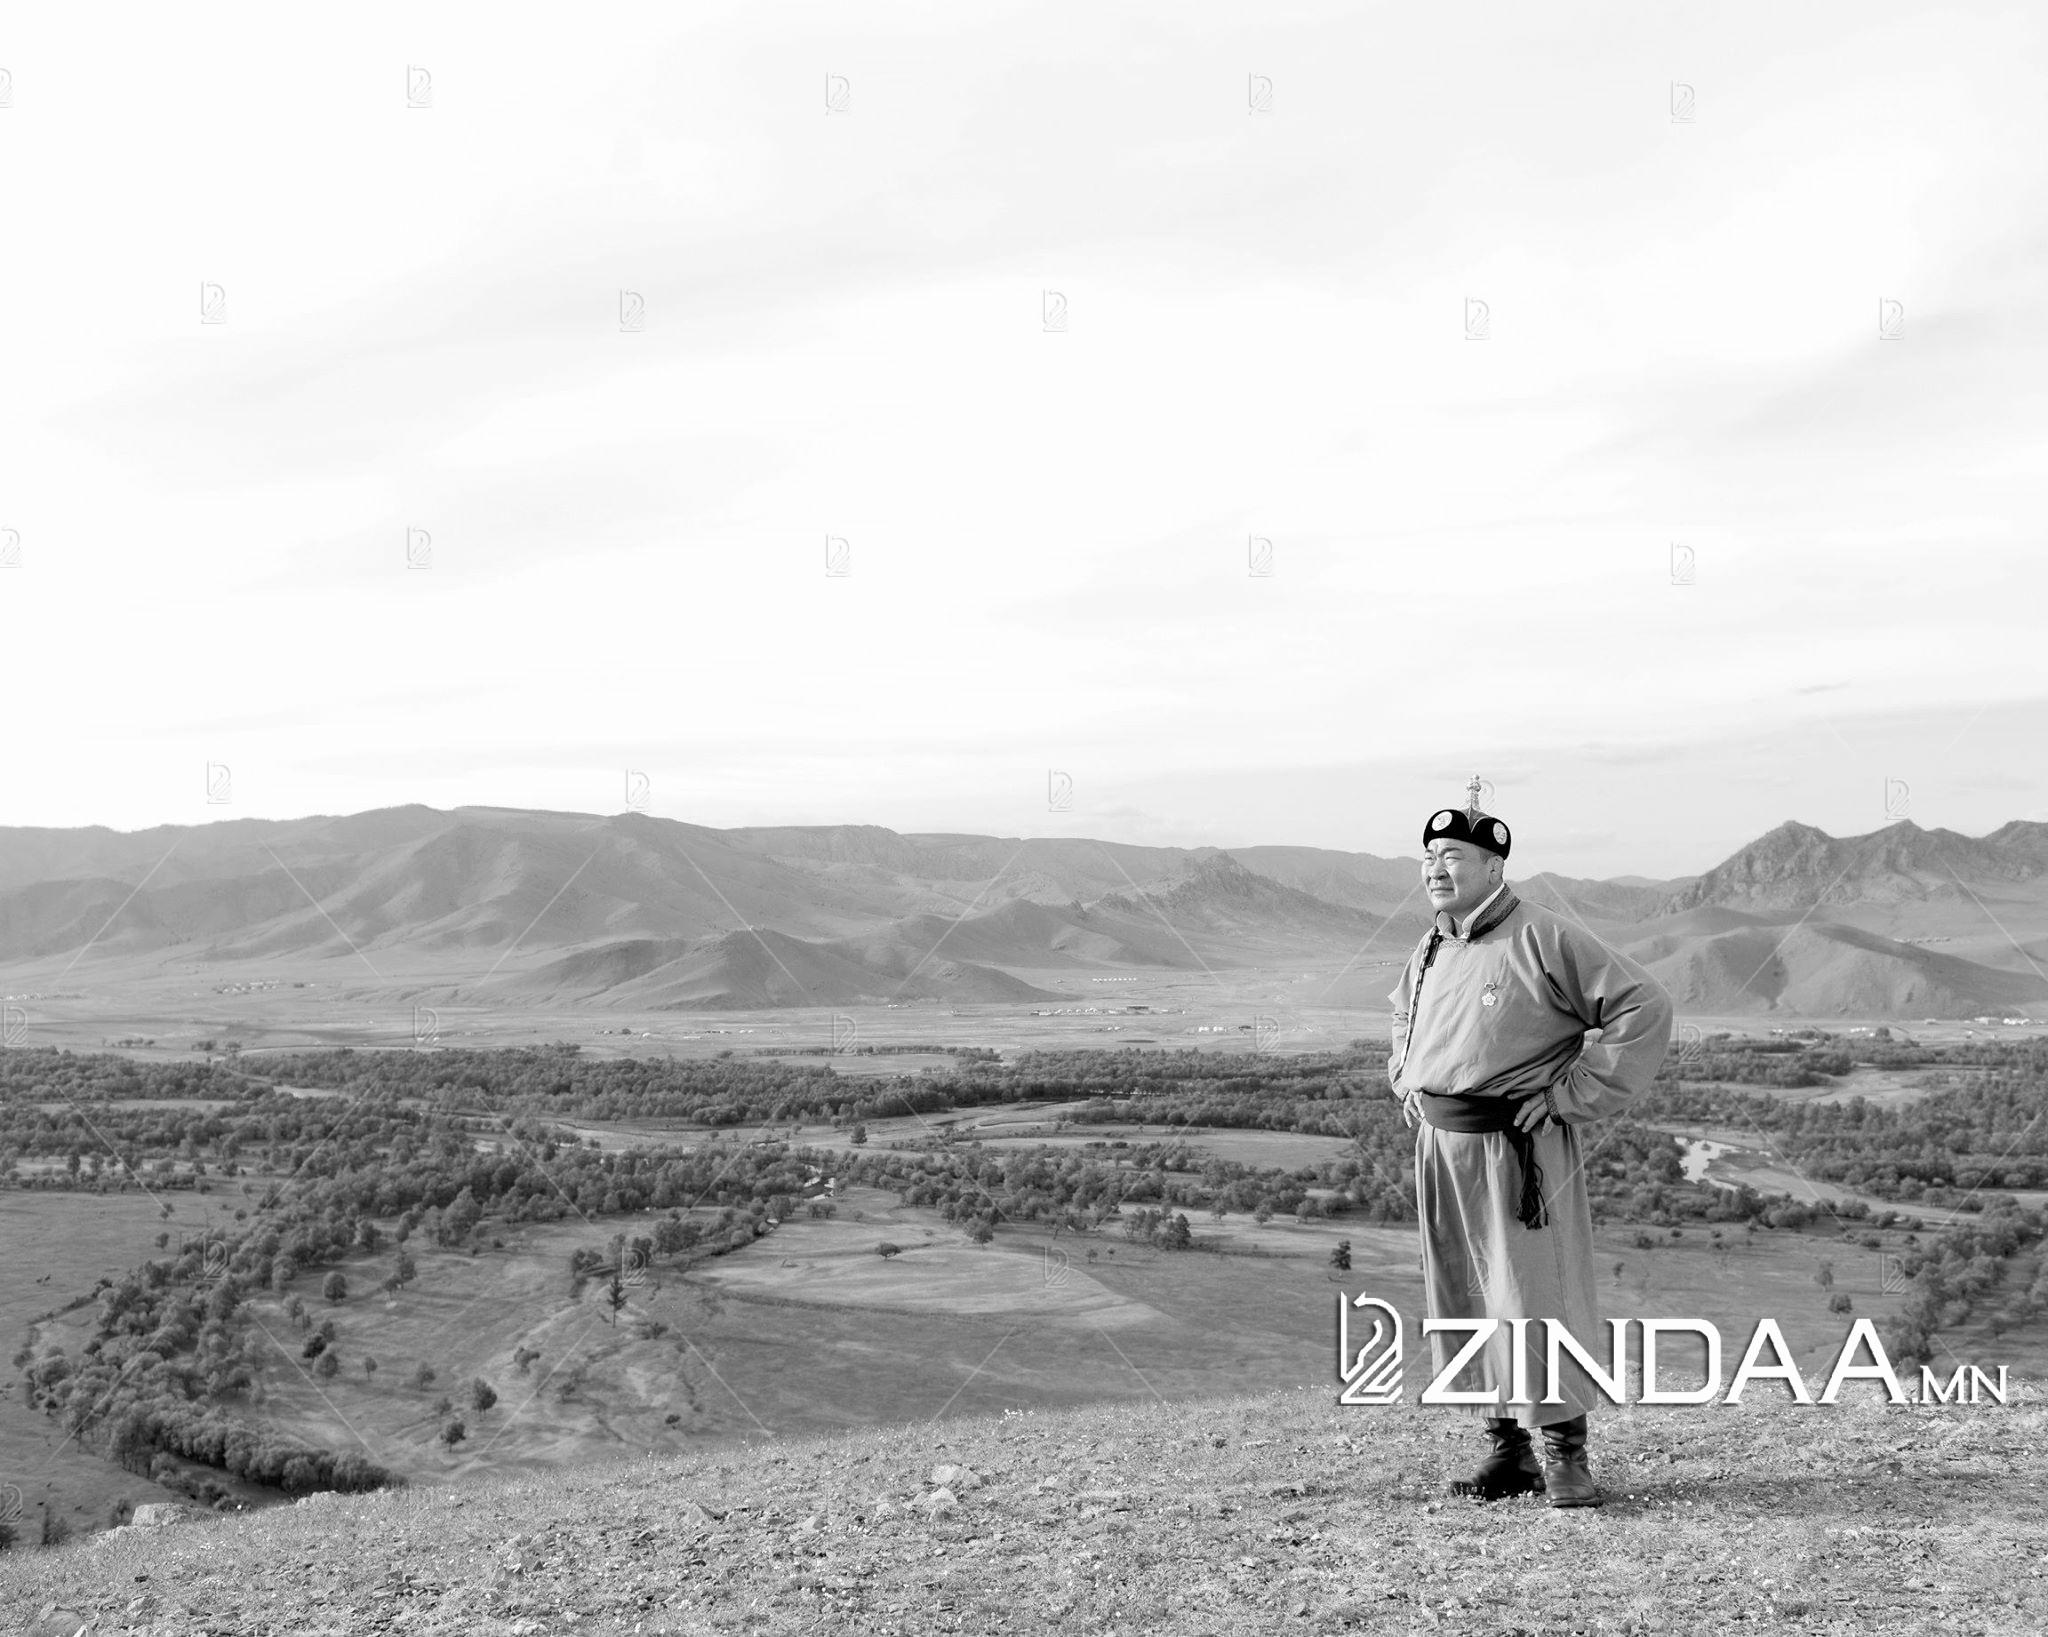 Дархан аварга Б.Бат-Эрдэнэ: Монголчууд зүрх сэтгэлийнхээ угт байх эрхэм нандин зүйлсээ хэзээ ч алдаж, орхиж байгаагүй